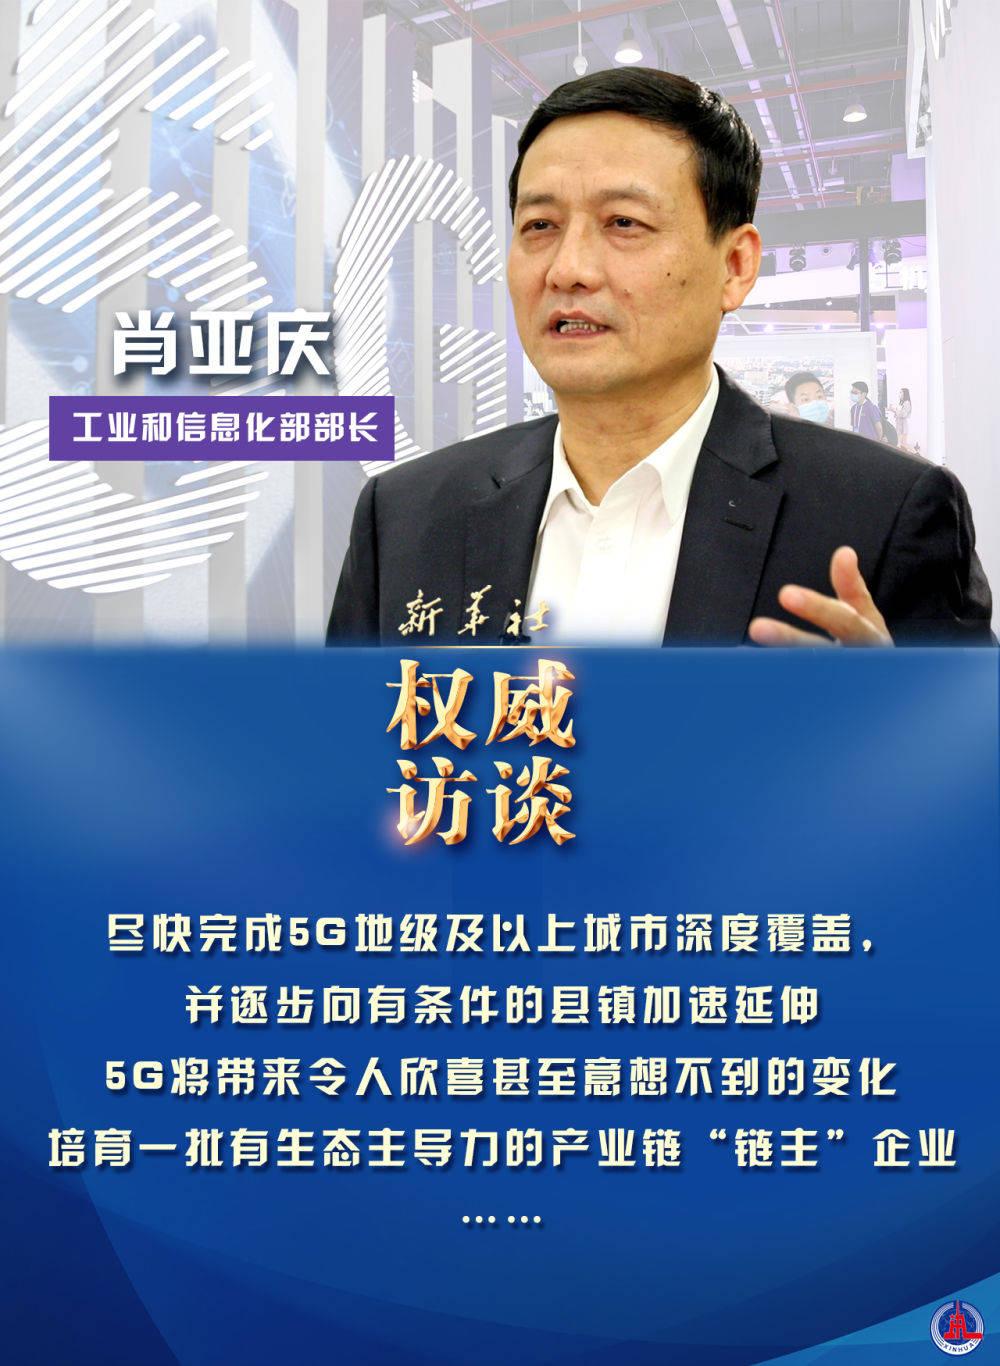 工信部部长肖亚庆谈2021年工业通信业发力点